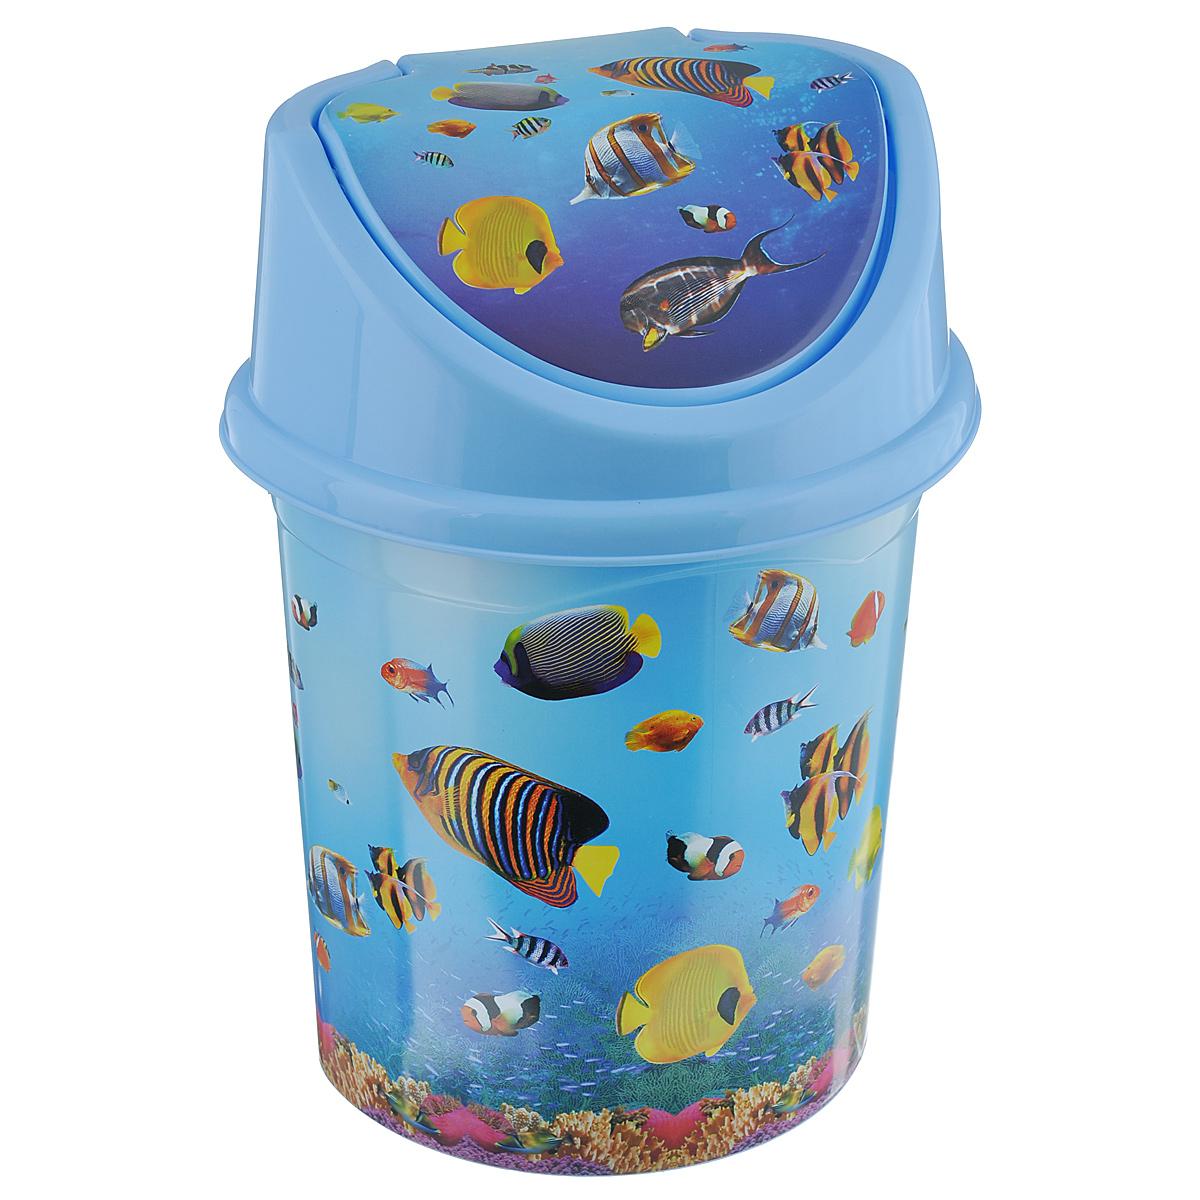 Контейнер для мусора Violet Океан, цвет: голубой, синий, желтый, 4 л810365Контейнер для мусора Violet Океан изготовлен из прочного пластика. Контейнер снабжен удобной съемной крышкой с подвижной перегородкой. В нем удобно хранить мелкий мусор. Благодаря яркому дизайну такой контейнер идеально впишется в интерьер и дома, и офиса.Размер изделия: 16 см x 20 см x 27 см.